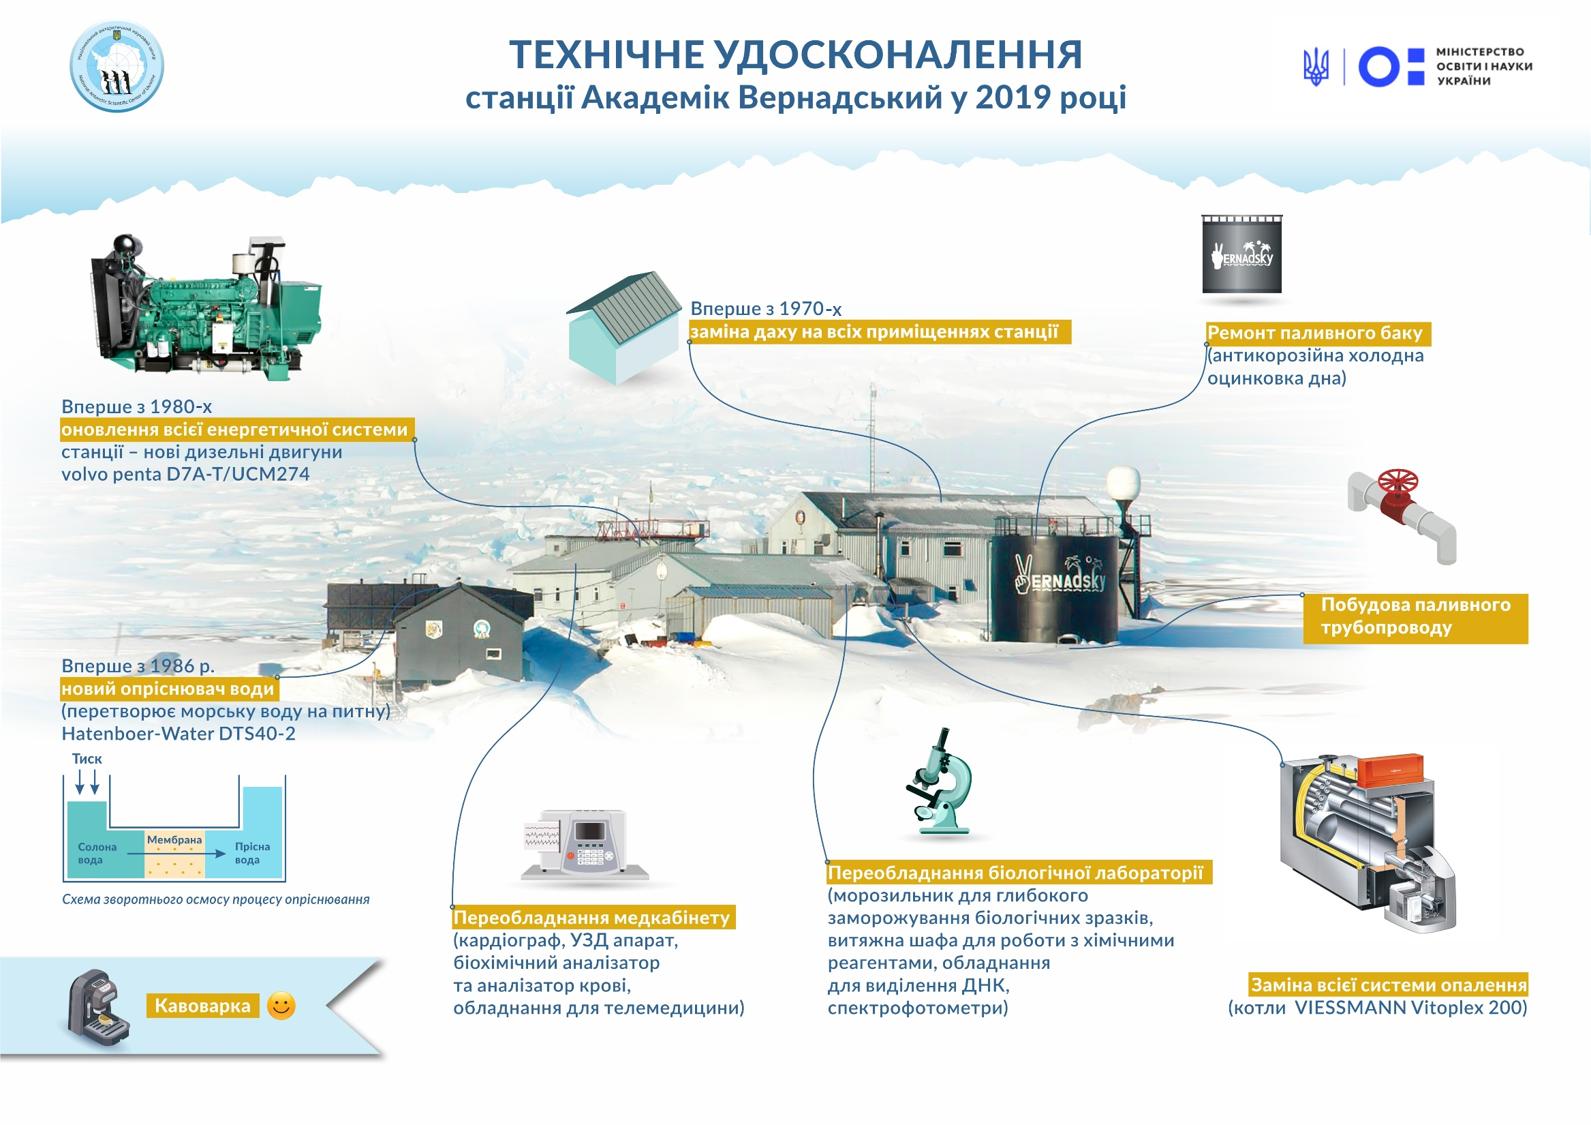 Модернізація станції Вернадського